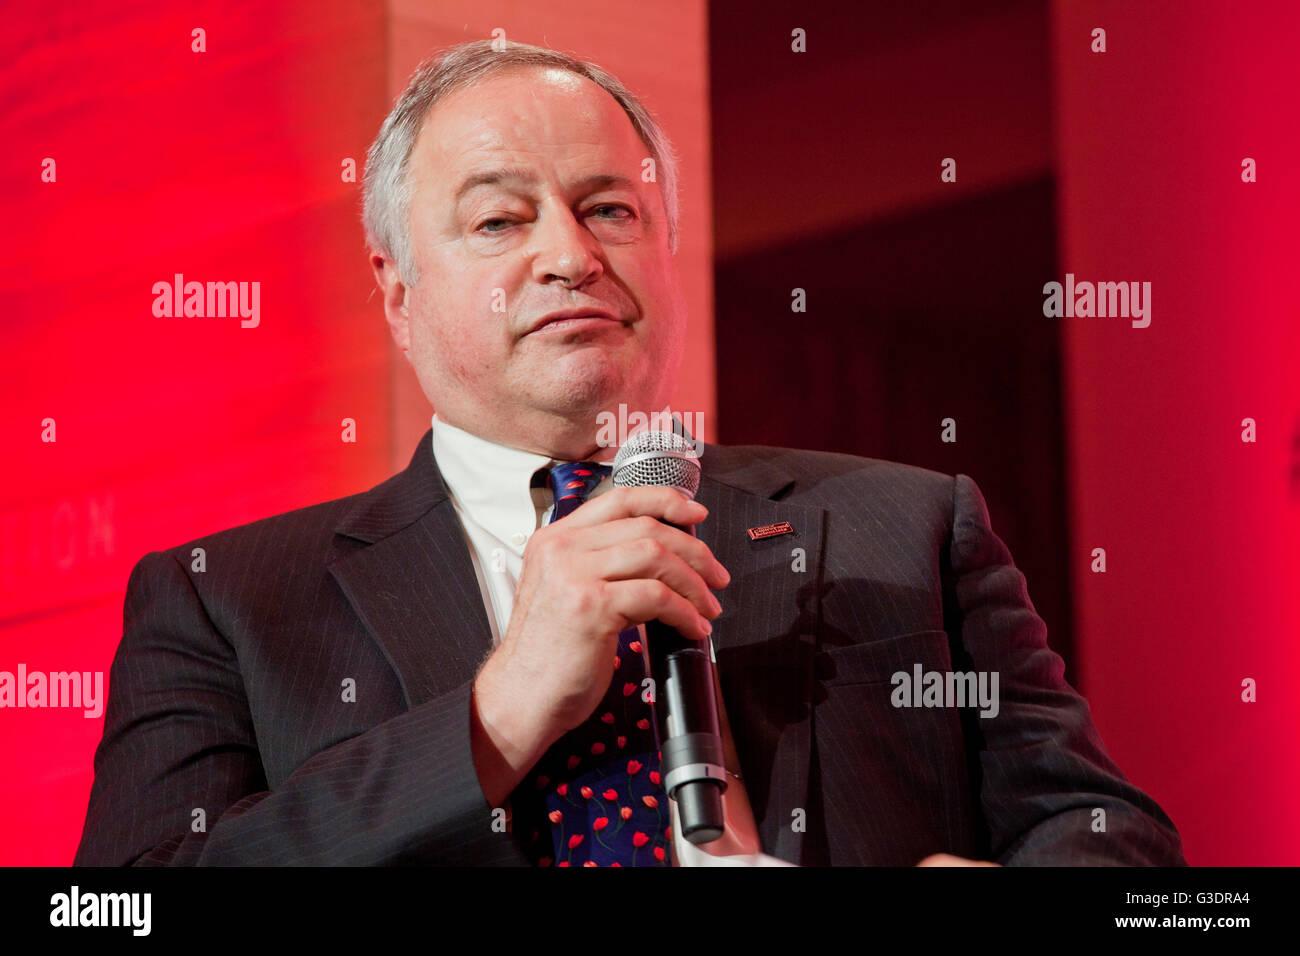 Le Dr Alden Meyer, Directeur de la stratégie et de la politique de l'Union des scientifiques concernés Photo Stock